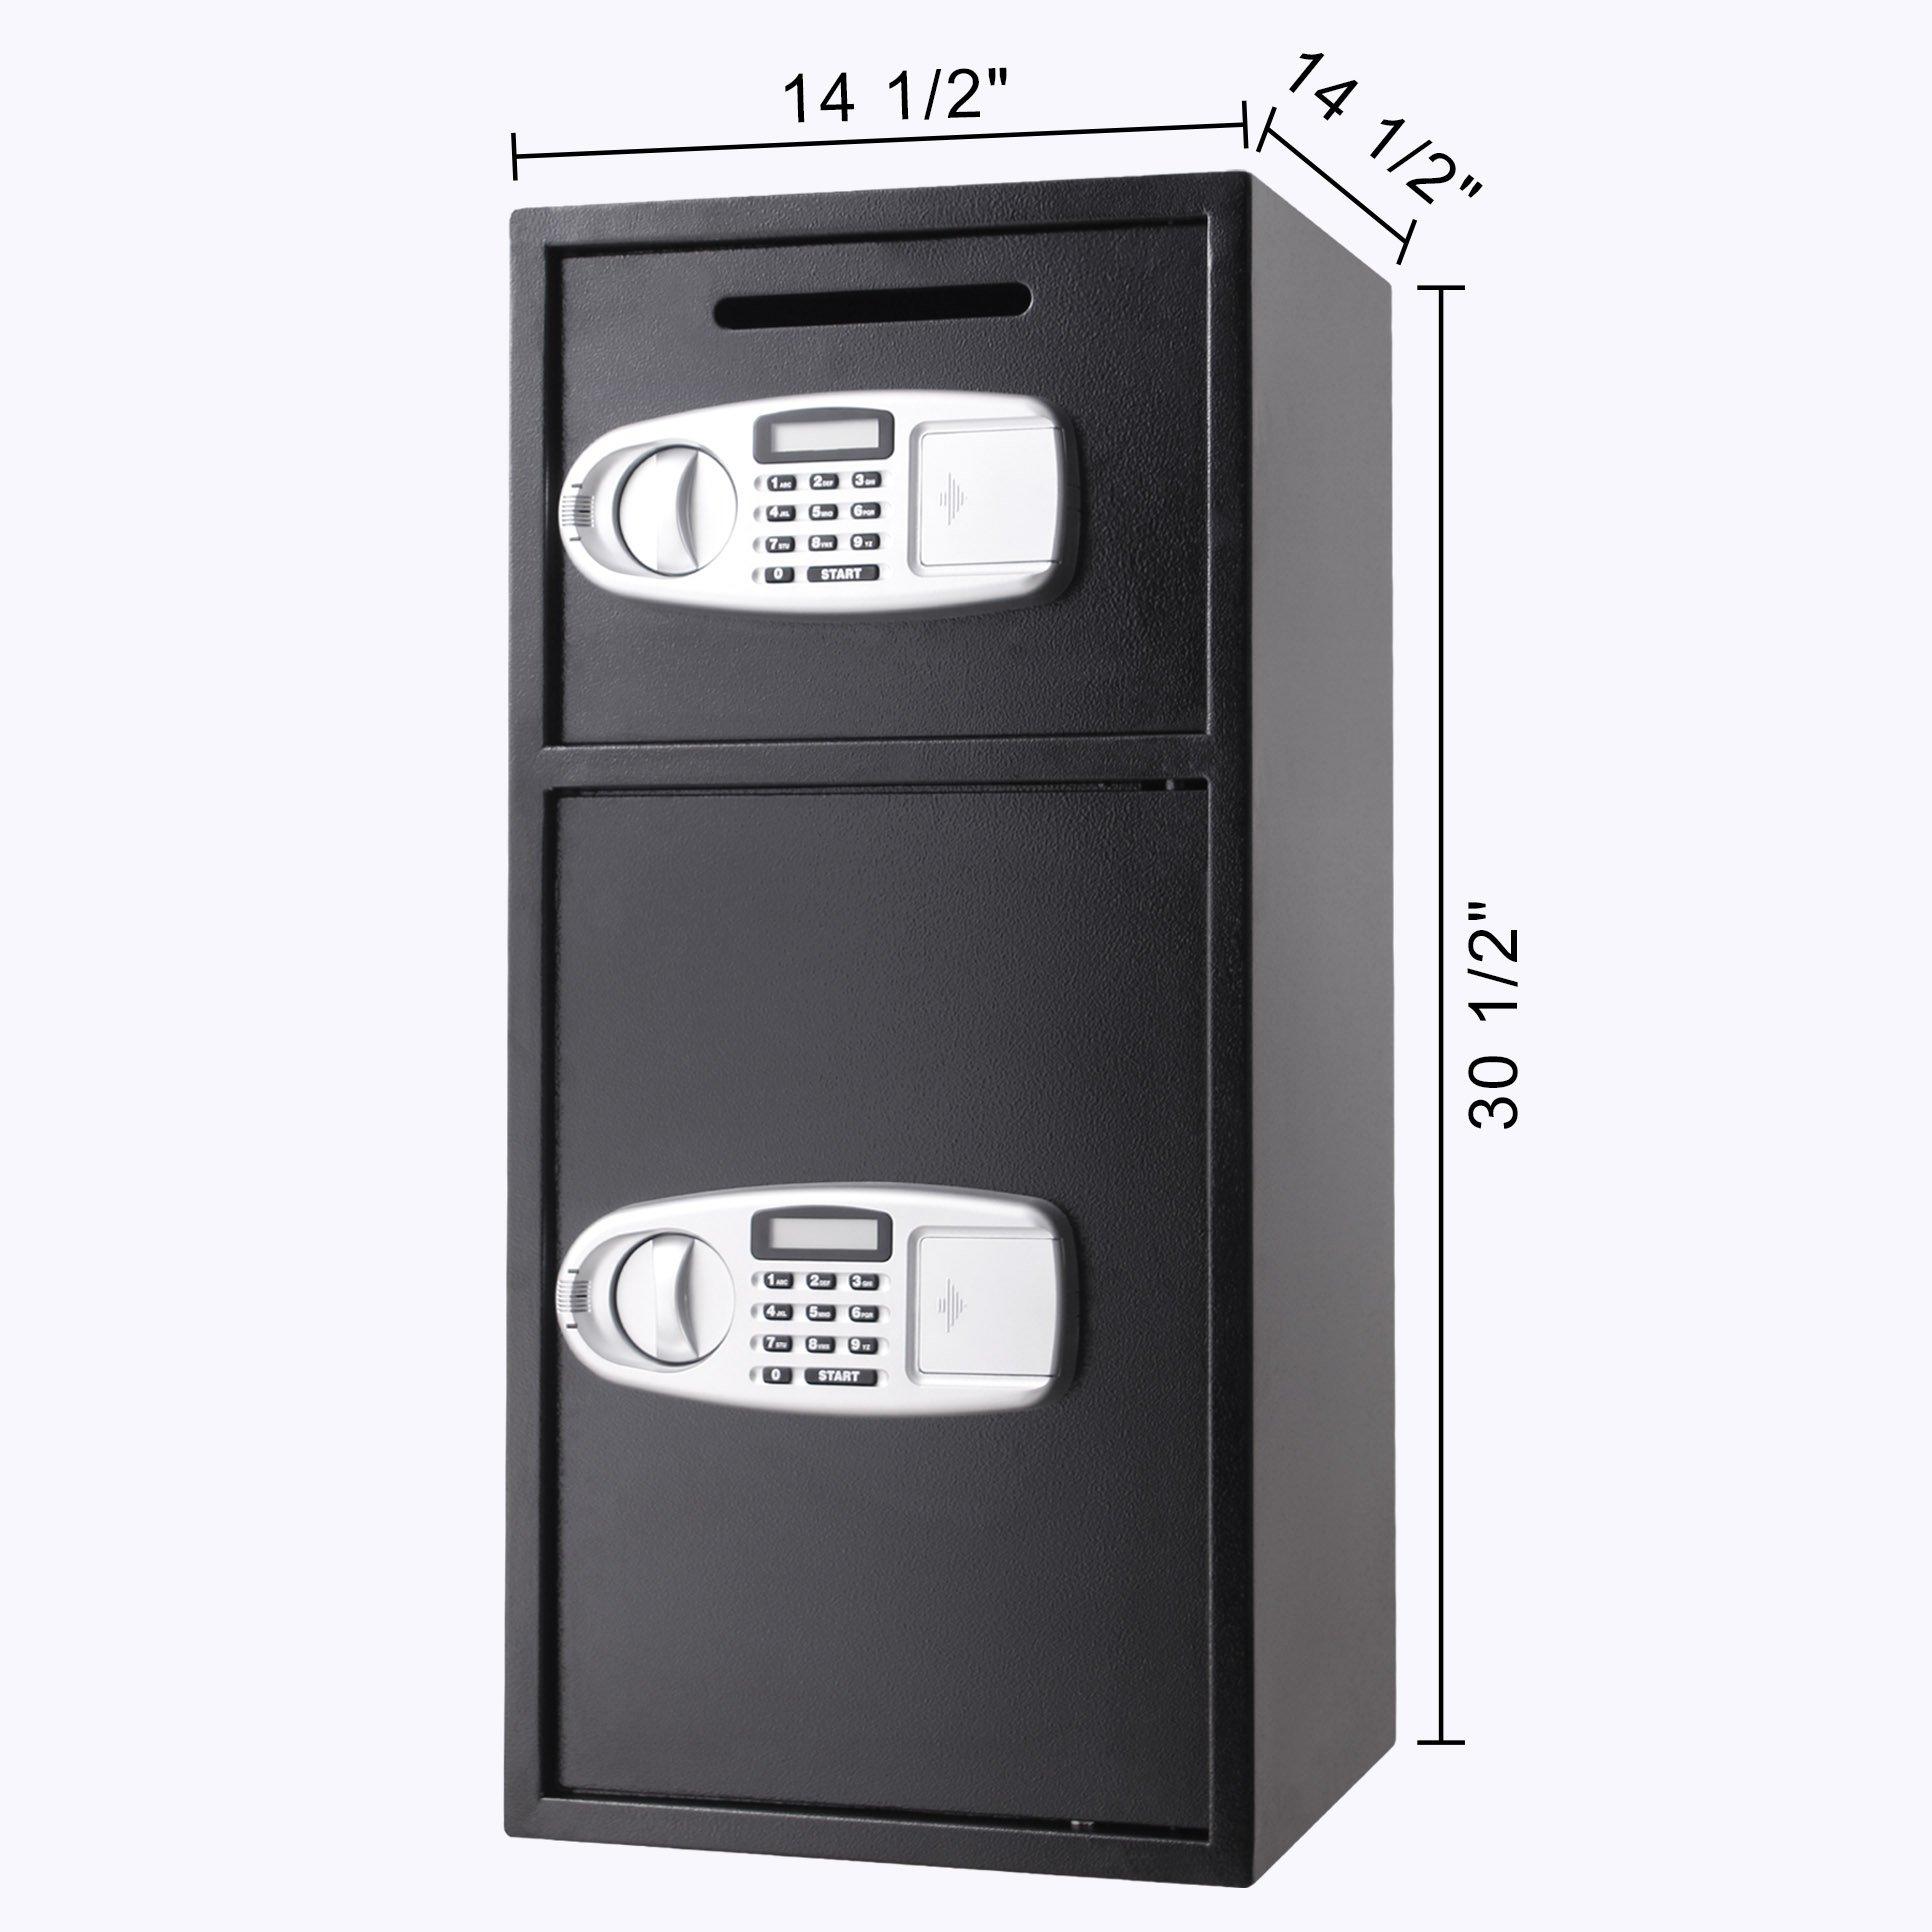 Superland Large Double Door Security Safe Box Depository Safe Steel Safe Box Digital Safe Depository for Money Gun Jewelry (Large Digital Safe Box) by Superland (Image #1)